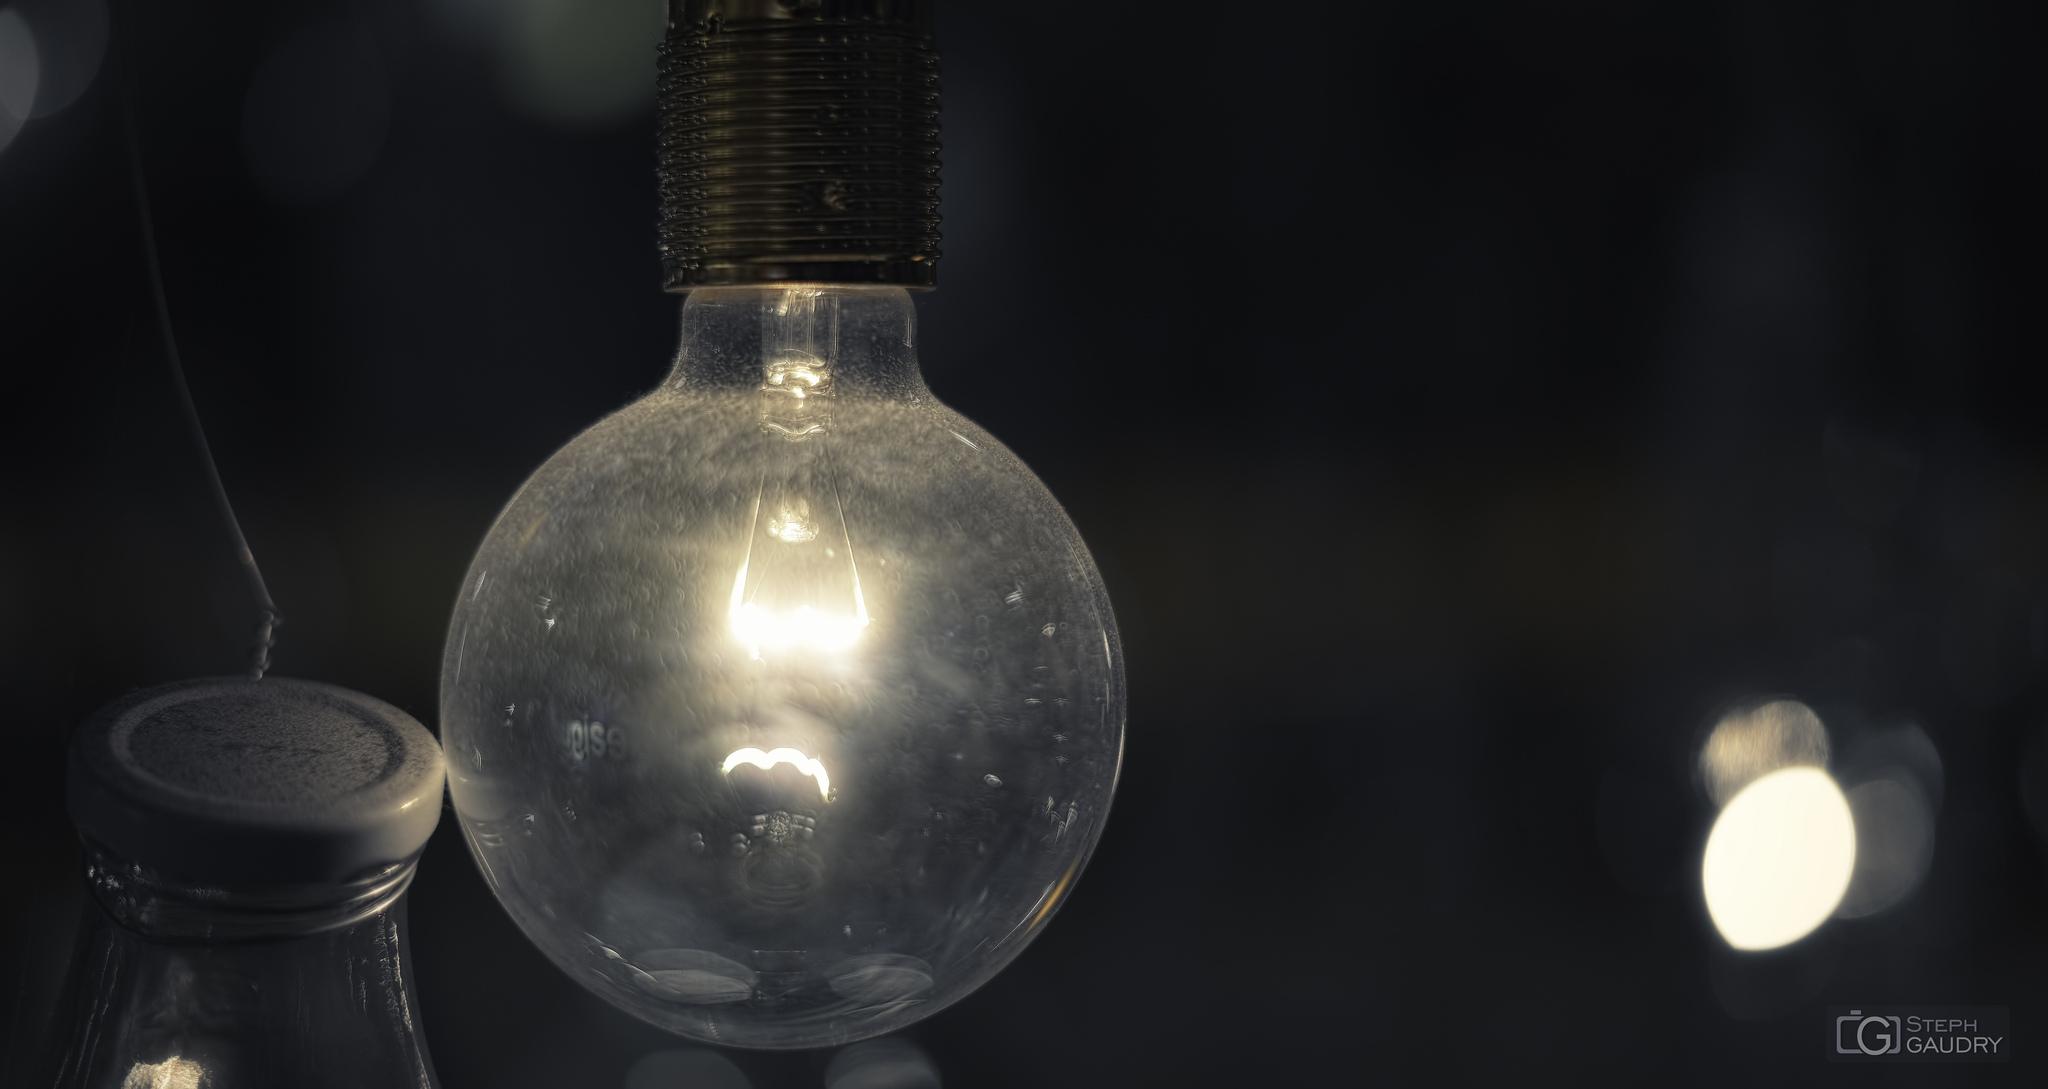 Sois ta propre lumière, et tes proches brilleront [Cliquez pour lancer le diaporama]